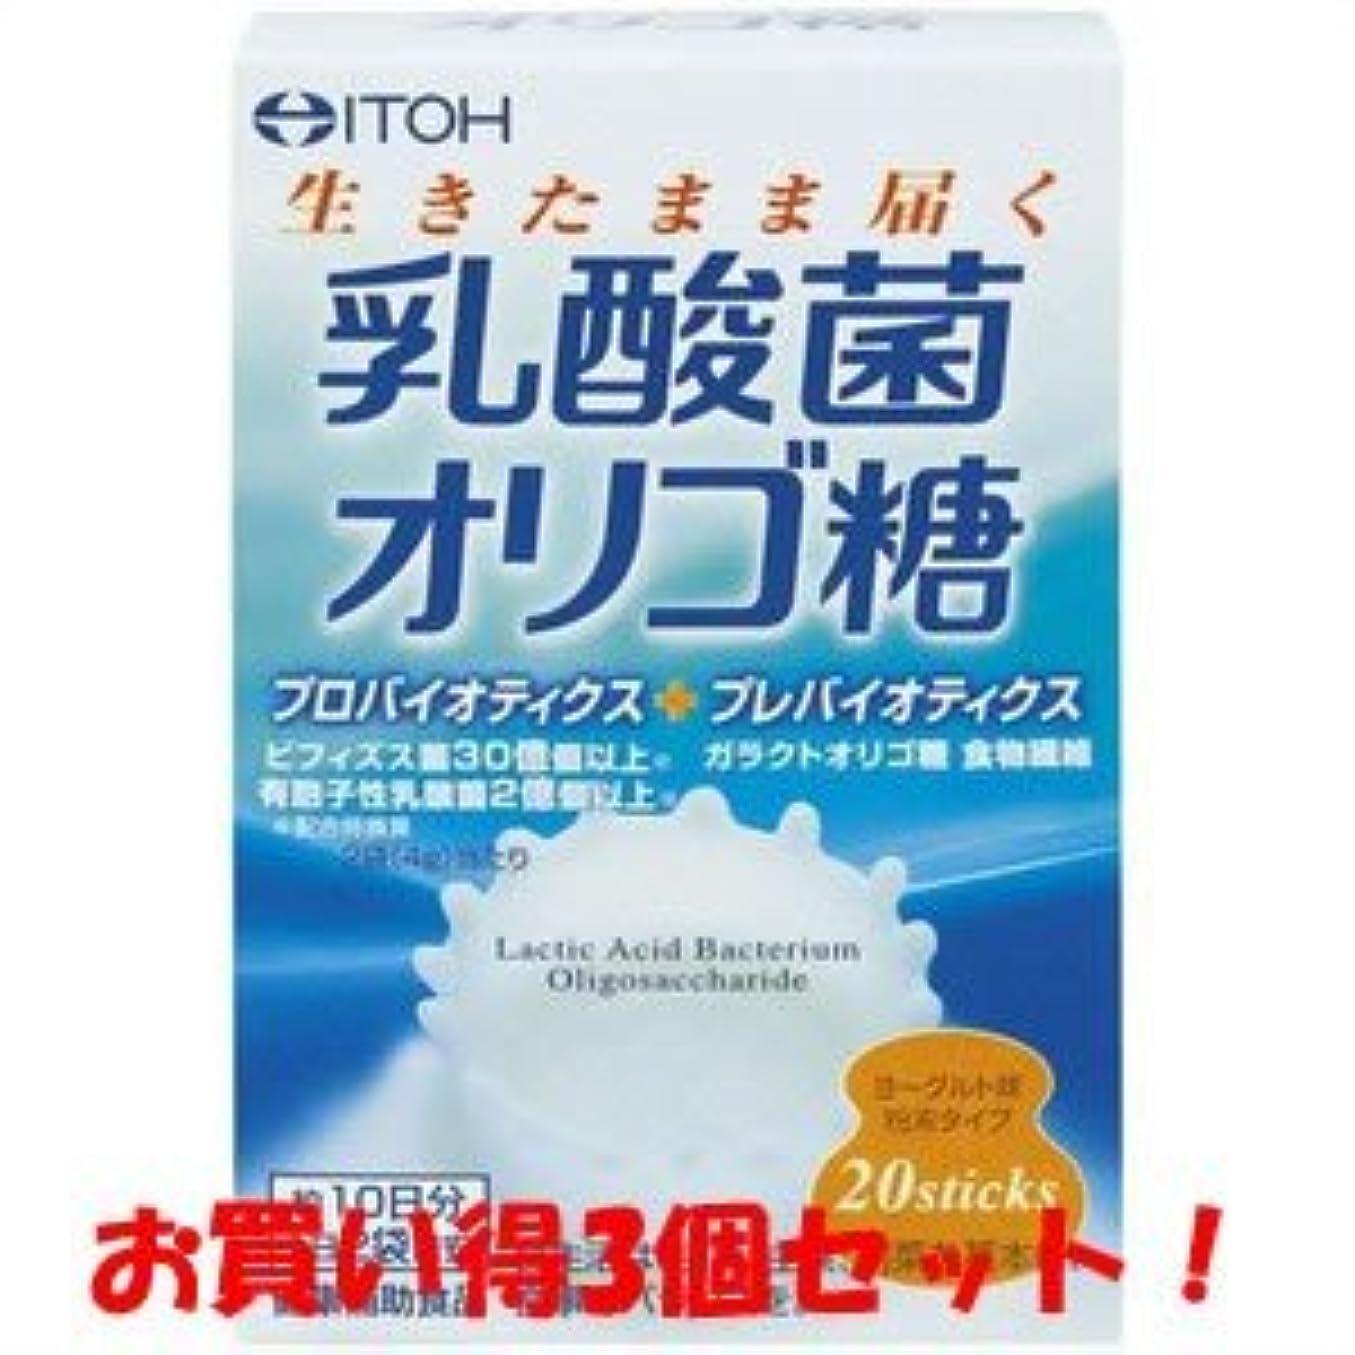 溝抑圧レガシー【井藤漢方製薬】乳酸菌オリゴ糖 40g(2g×20スティック)(お買い得3個セット)